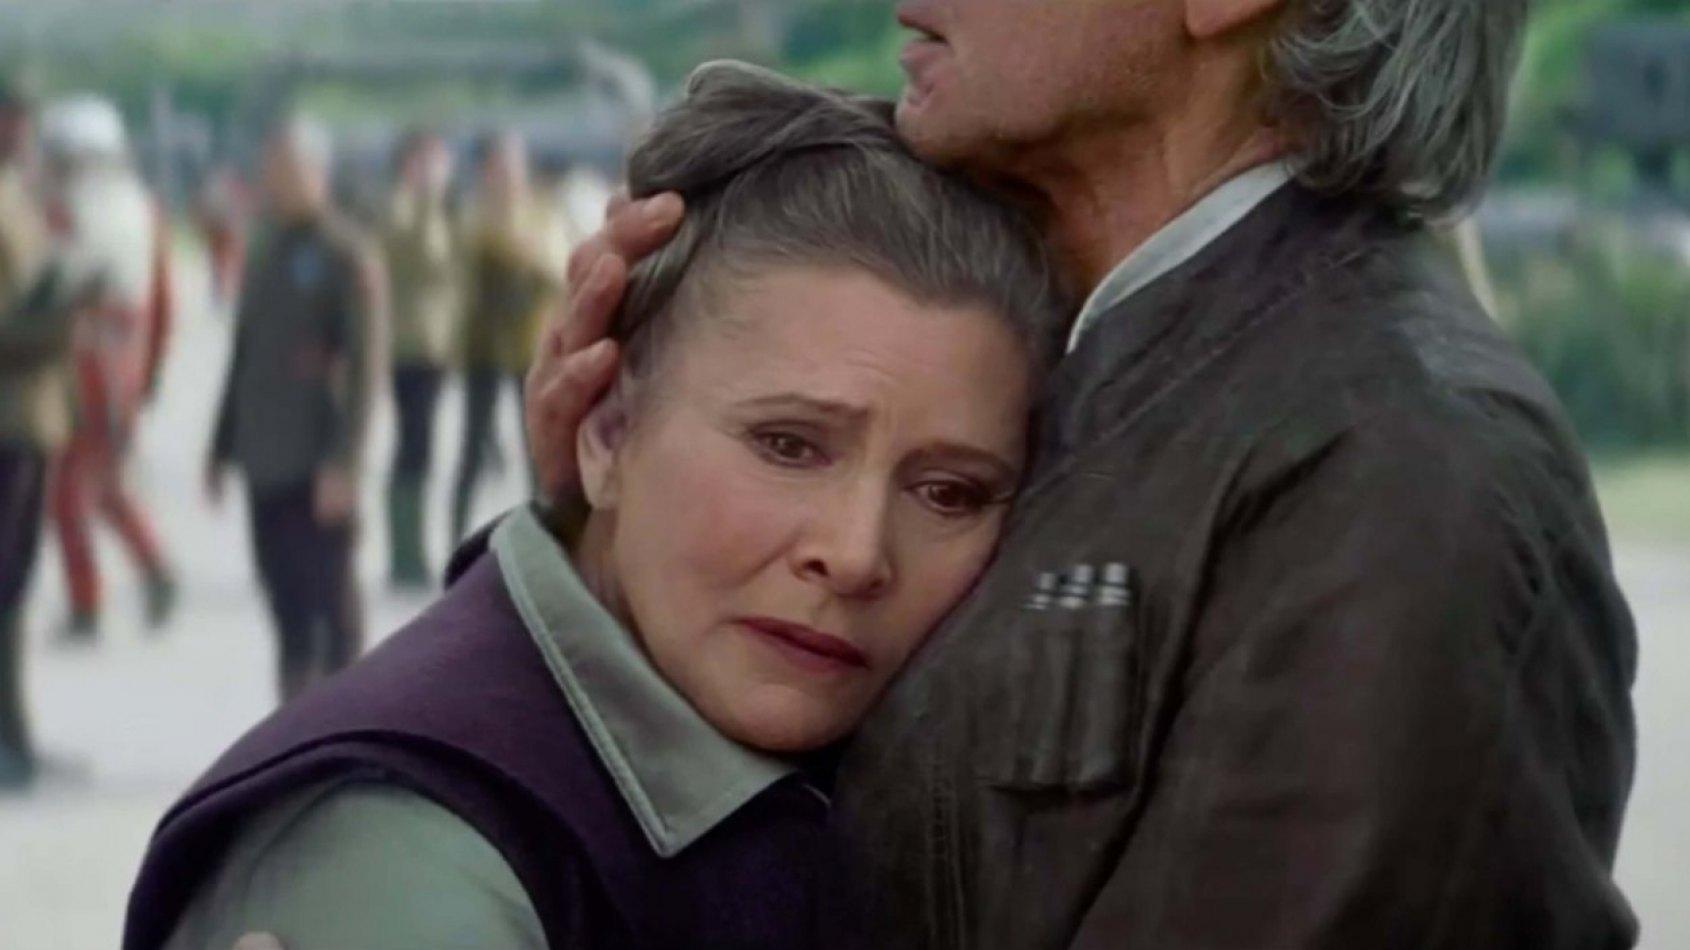 Pourquoi Leia a-t-elle snobé Chewbacca dans Le Réveil de la Force ?